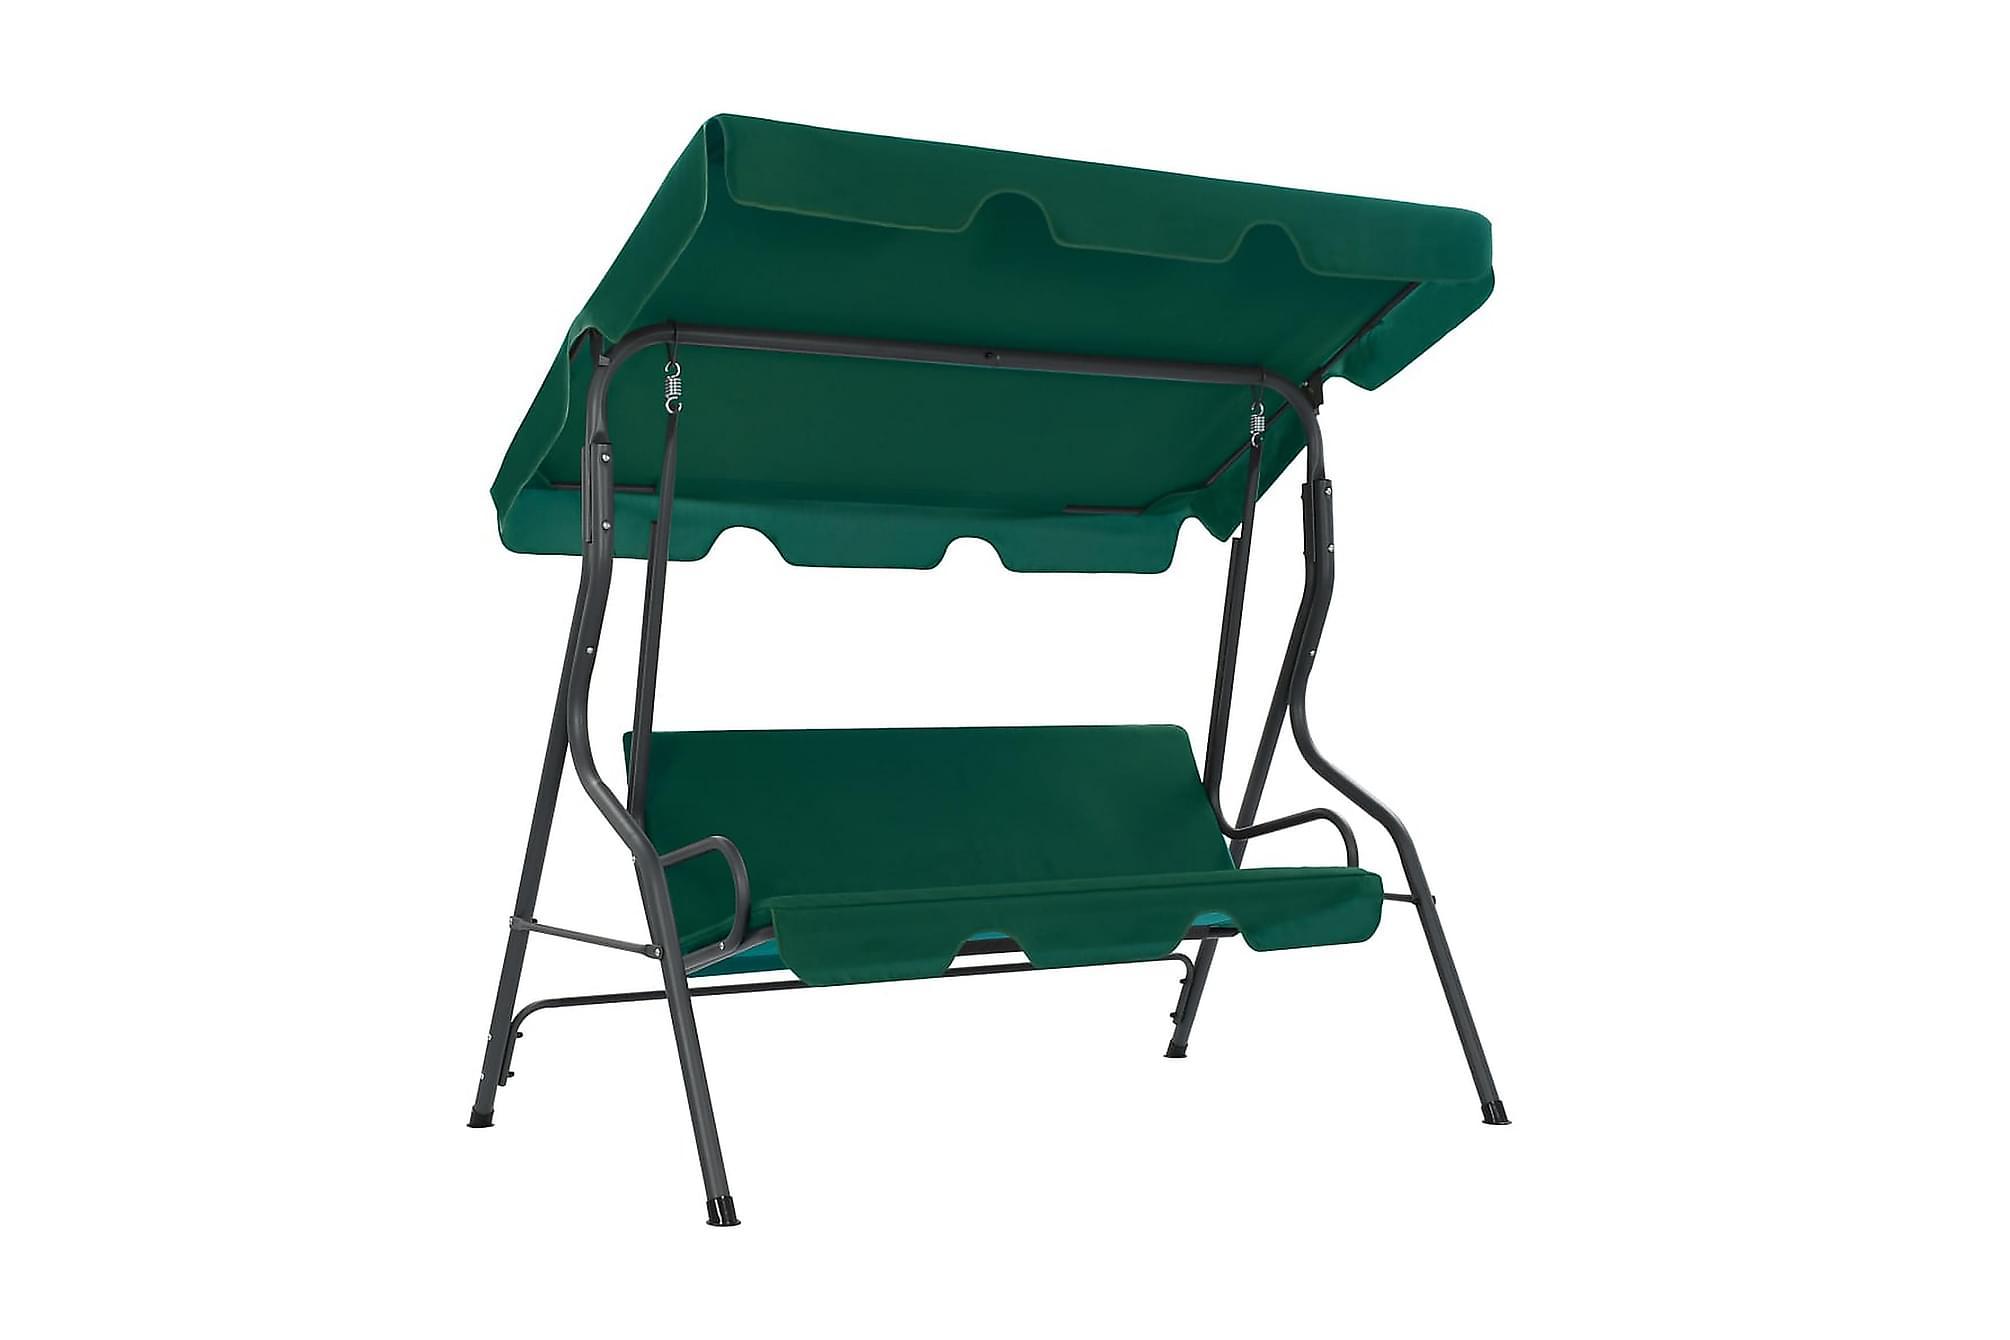 Hammock grön 170x110x153 cm tyg